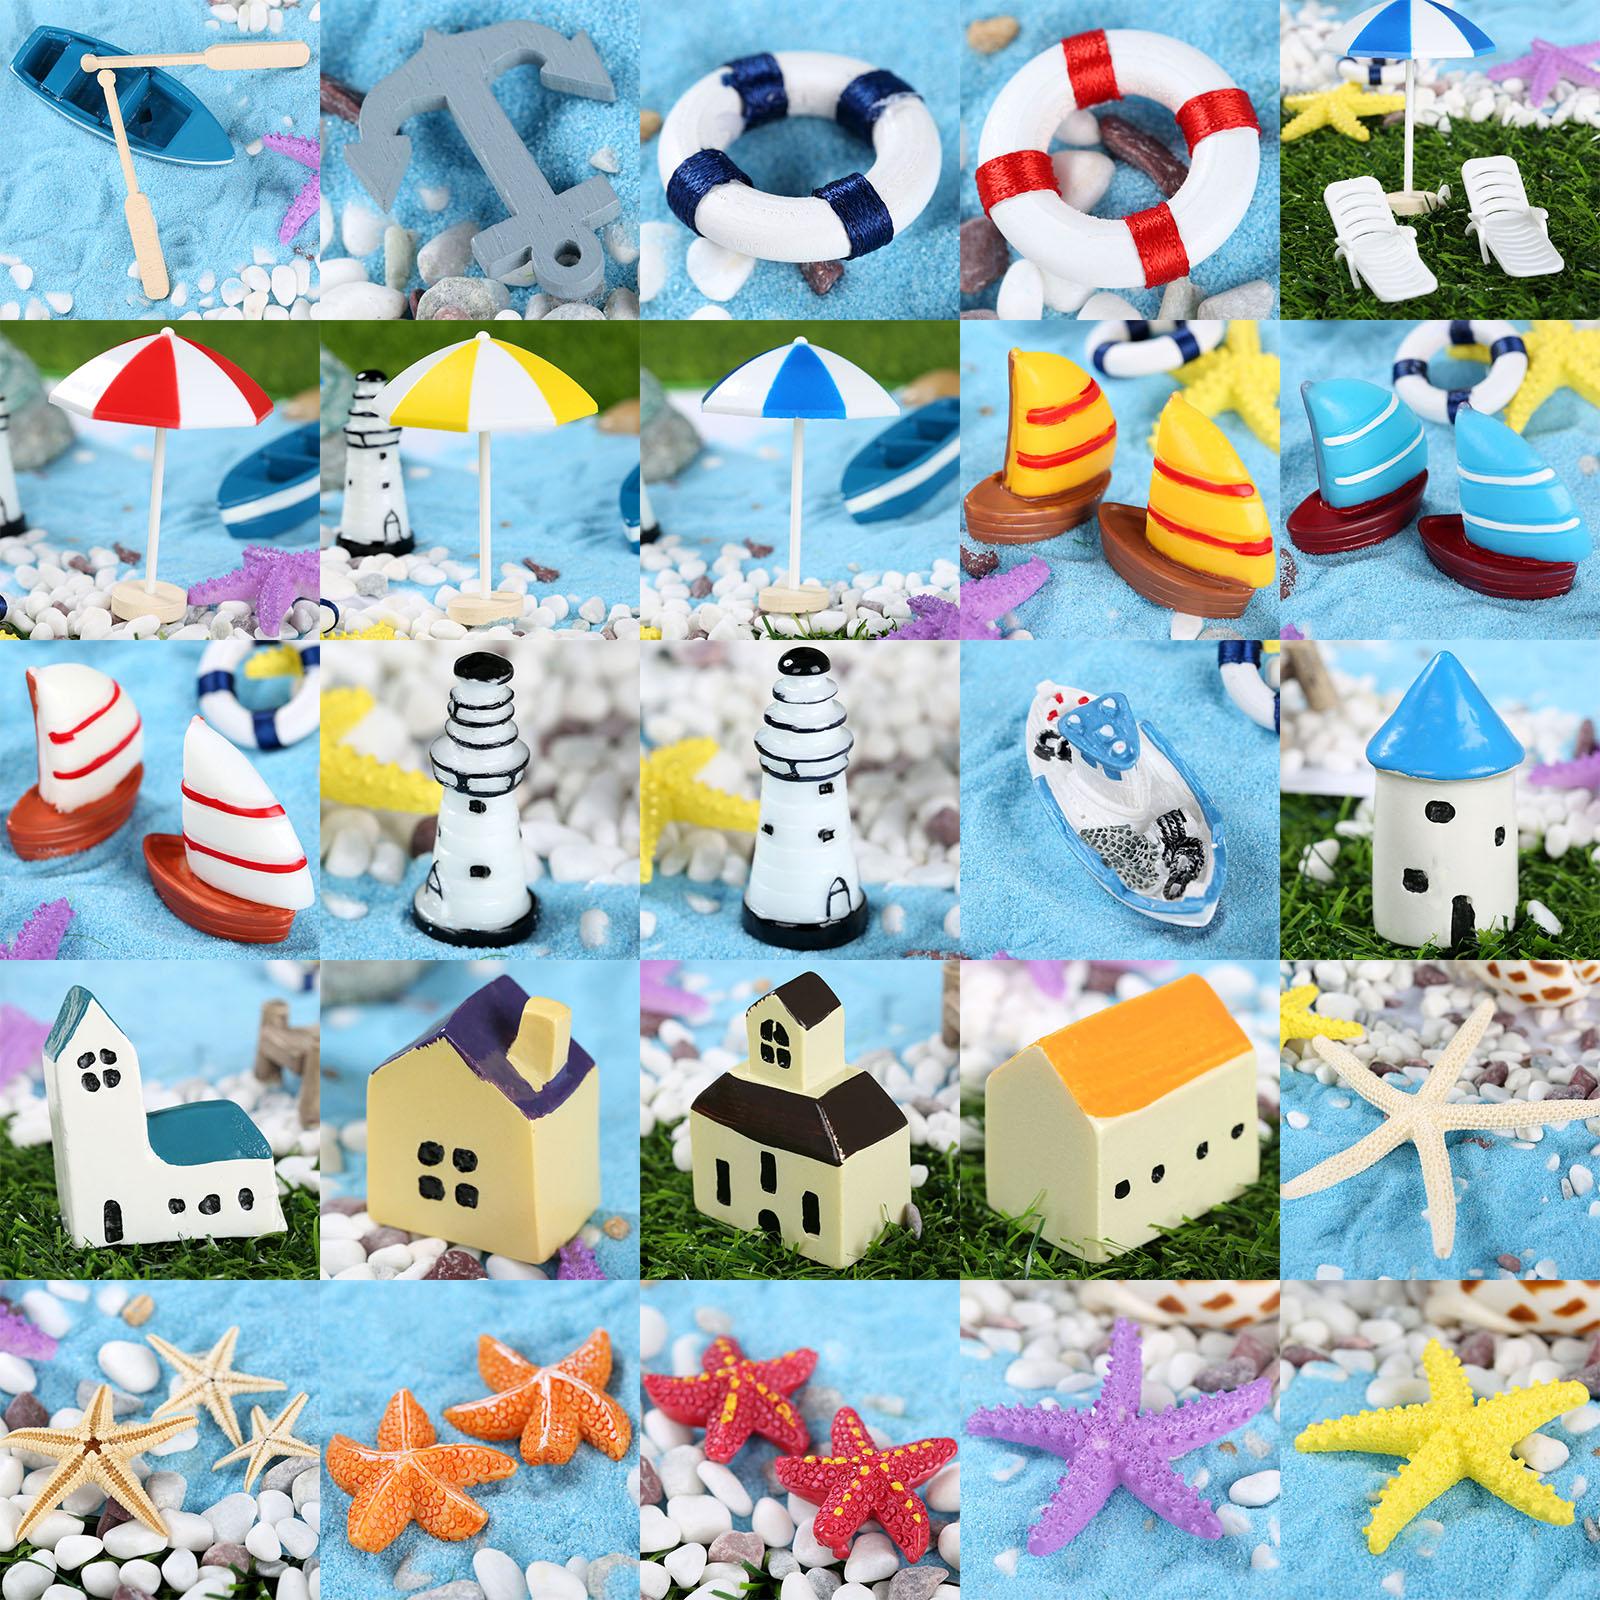 Мини искусственный пляжный стул микро Фея садовая фигурка миниатюрный/Террариум/украшение для кукольного домика орнамент DIY аксессуары